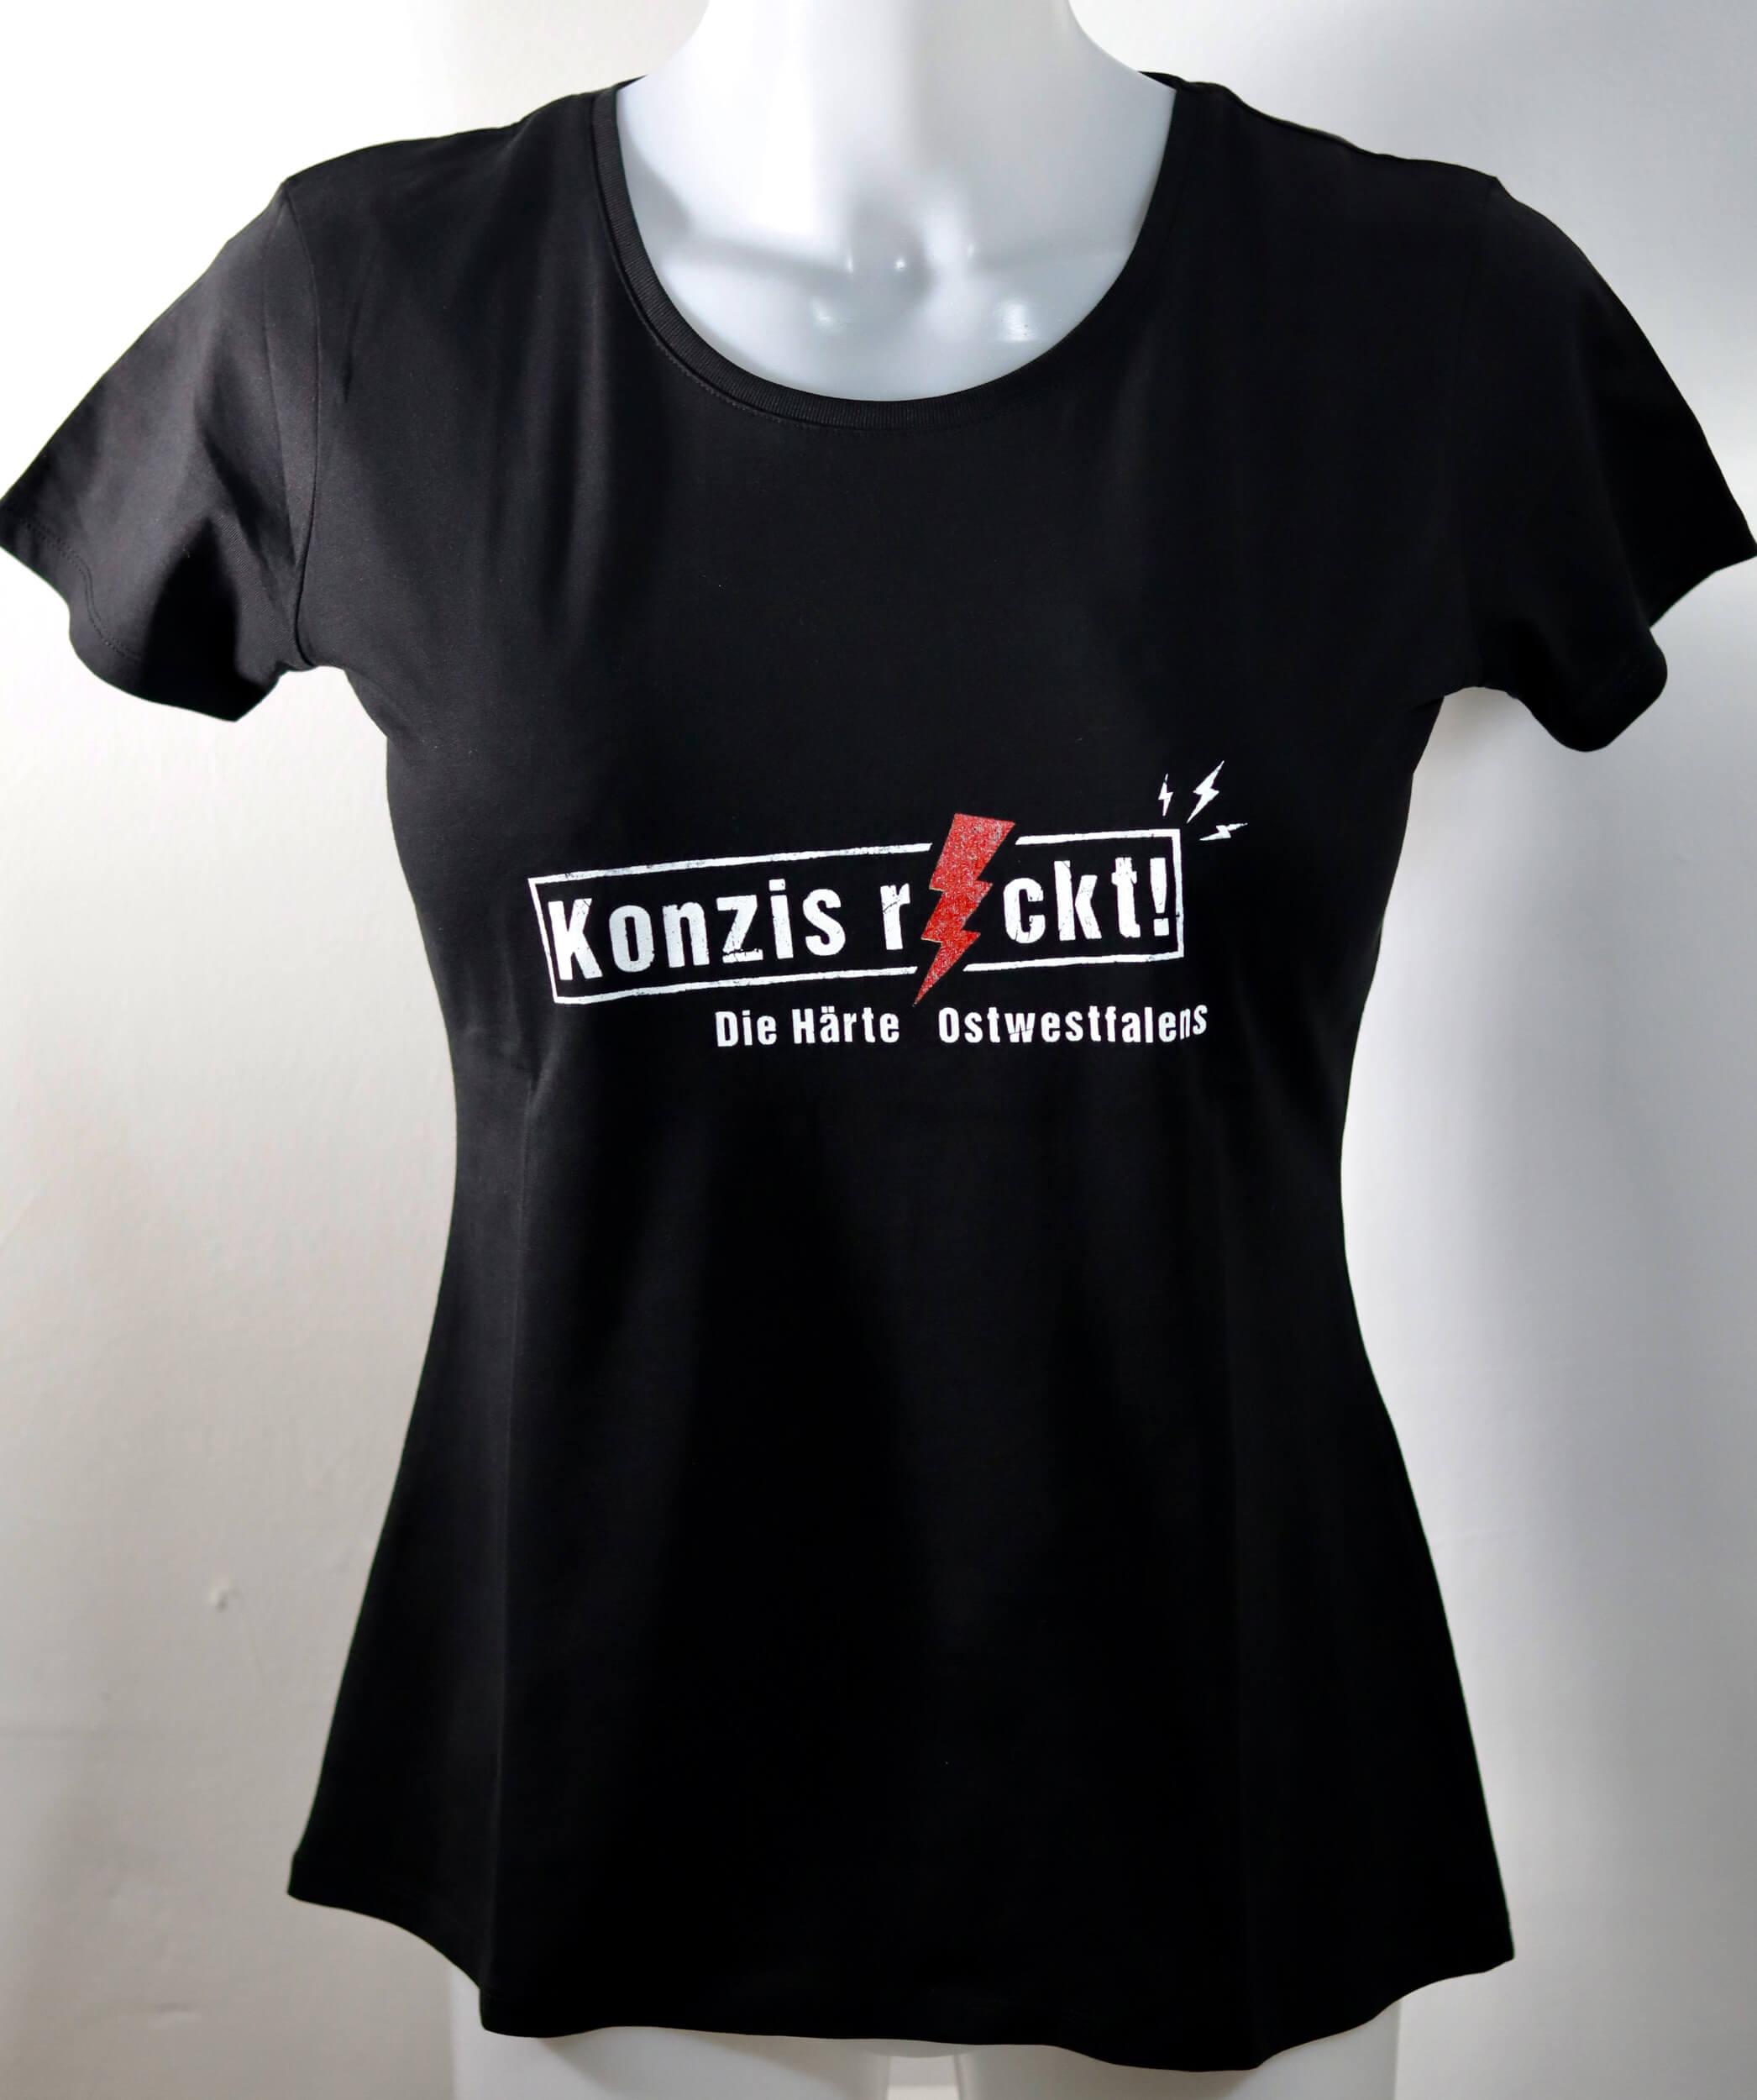 Girlie-Shirt - Konzis rockt